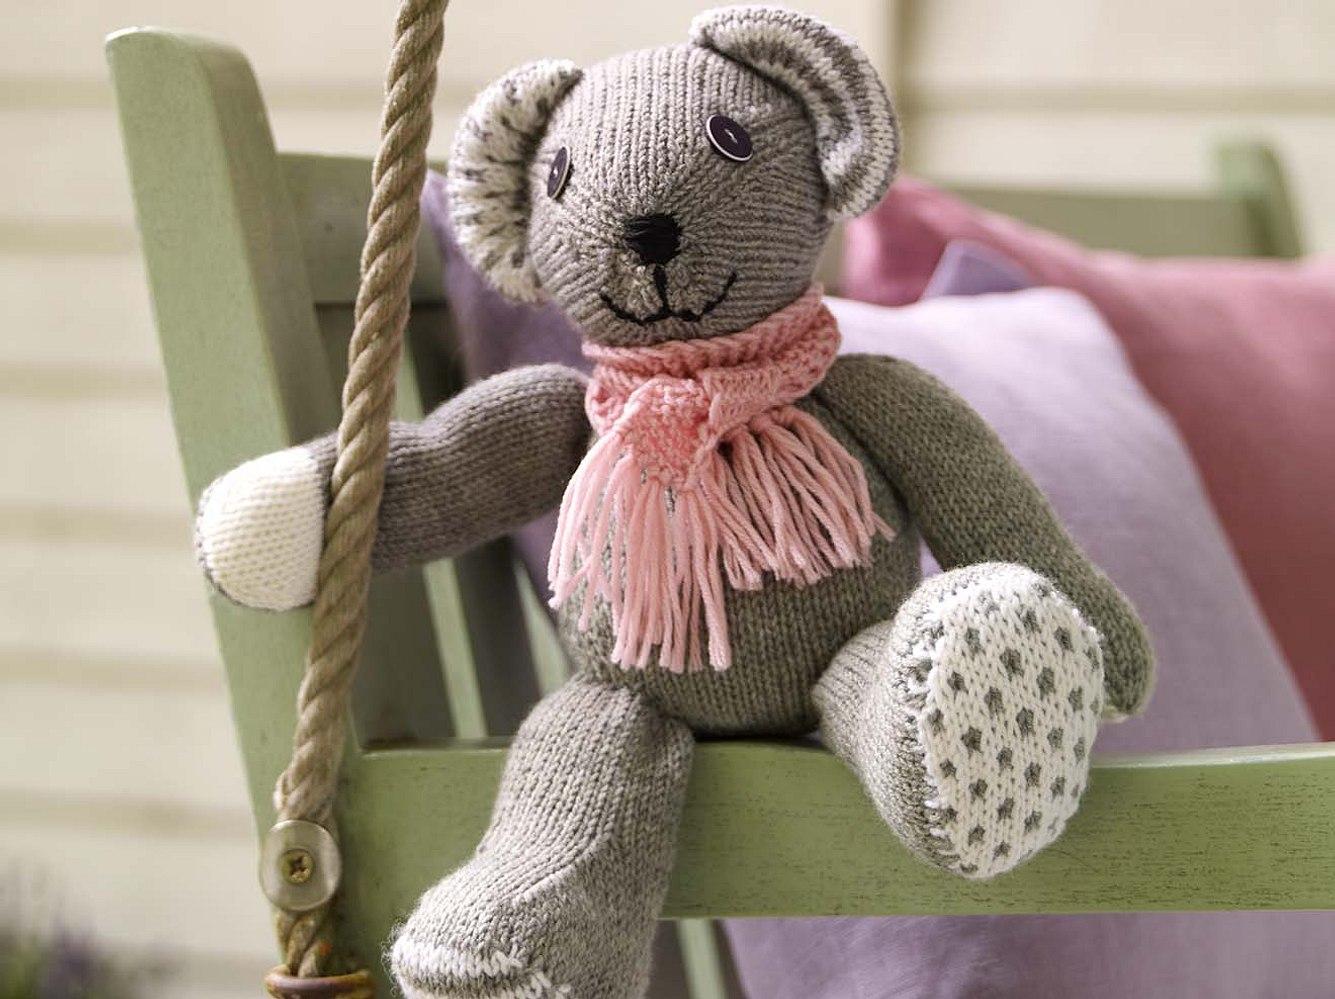 Diesen Teddy kann sowohl sitzen, als auch stehen. Entscheiden Sie selbst!